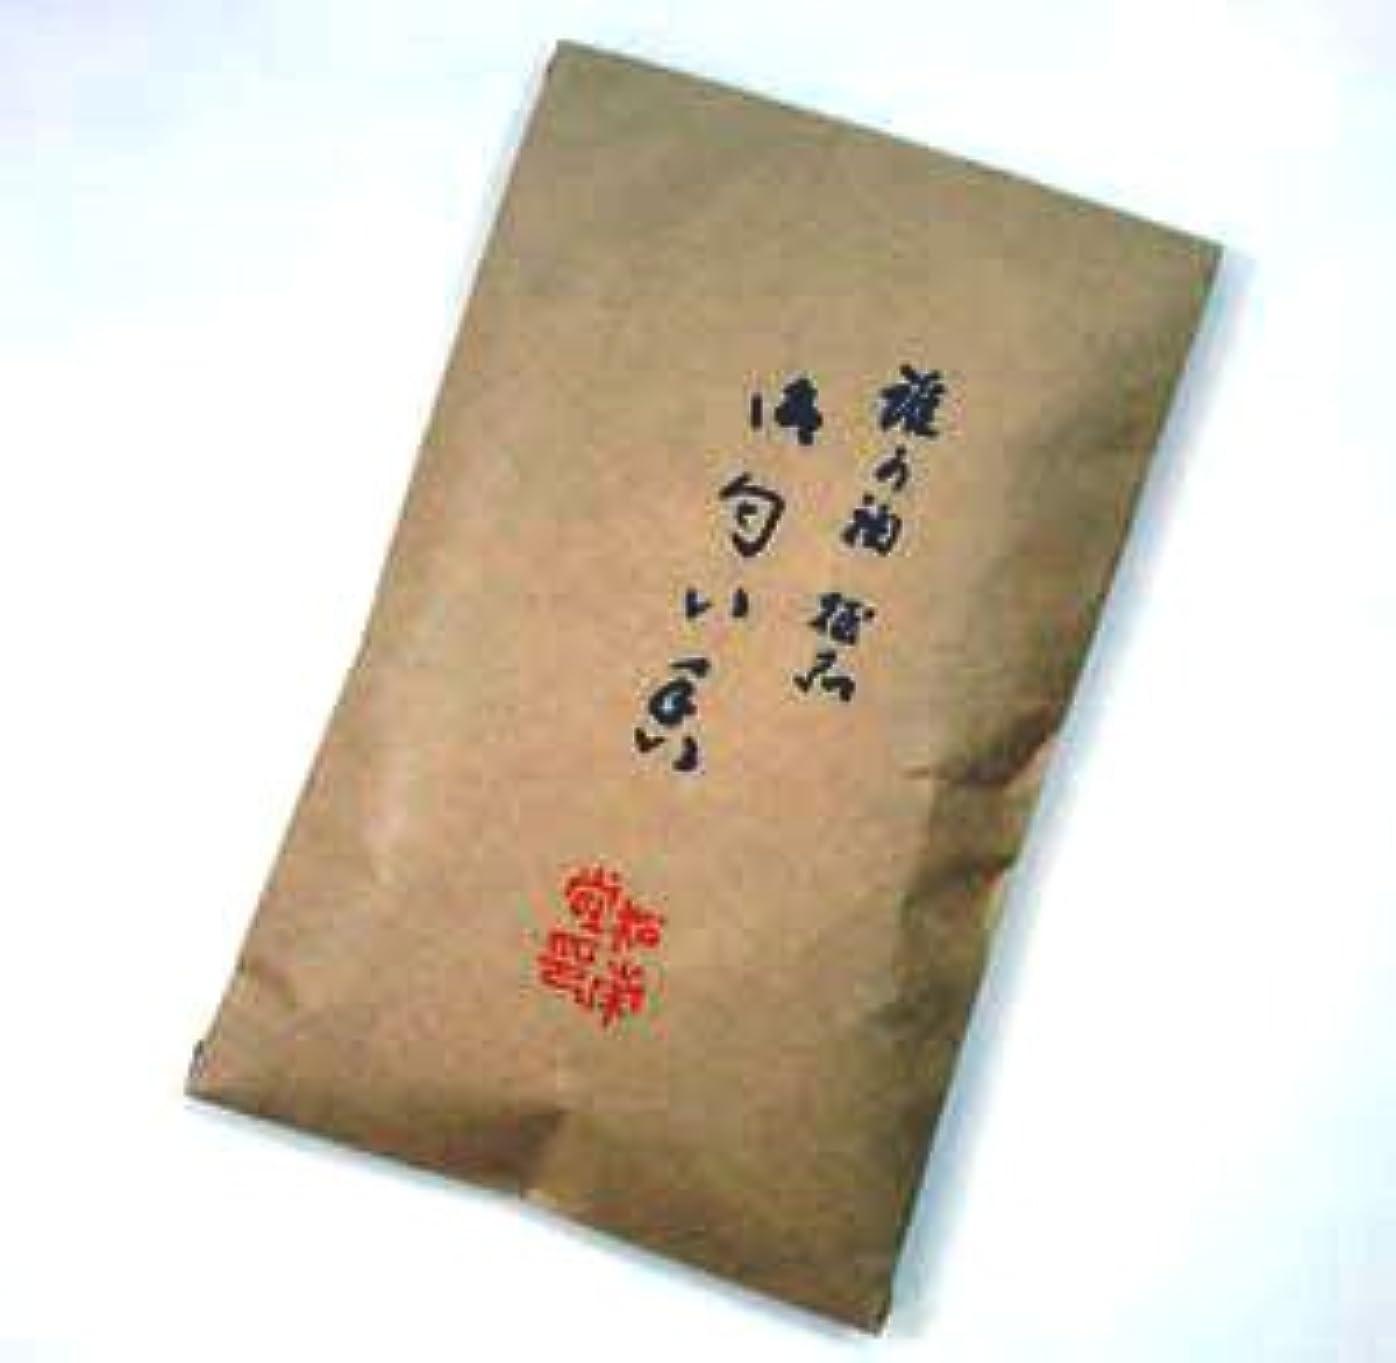 タイムリーなグリル運河匂い袋用のお香(詰替え用) 「匂い香【極品】」